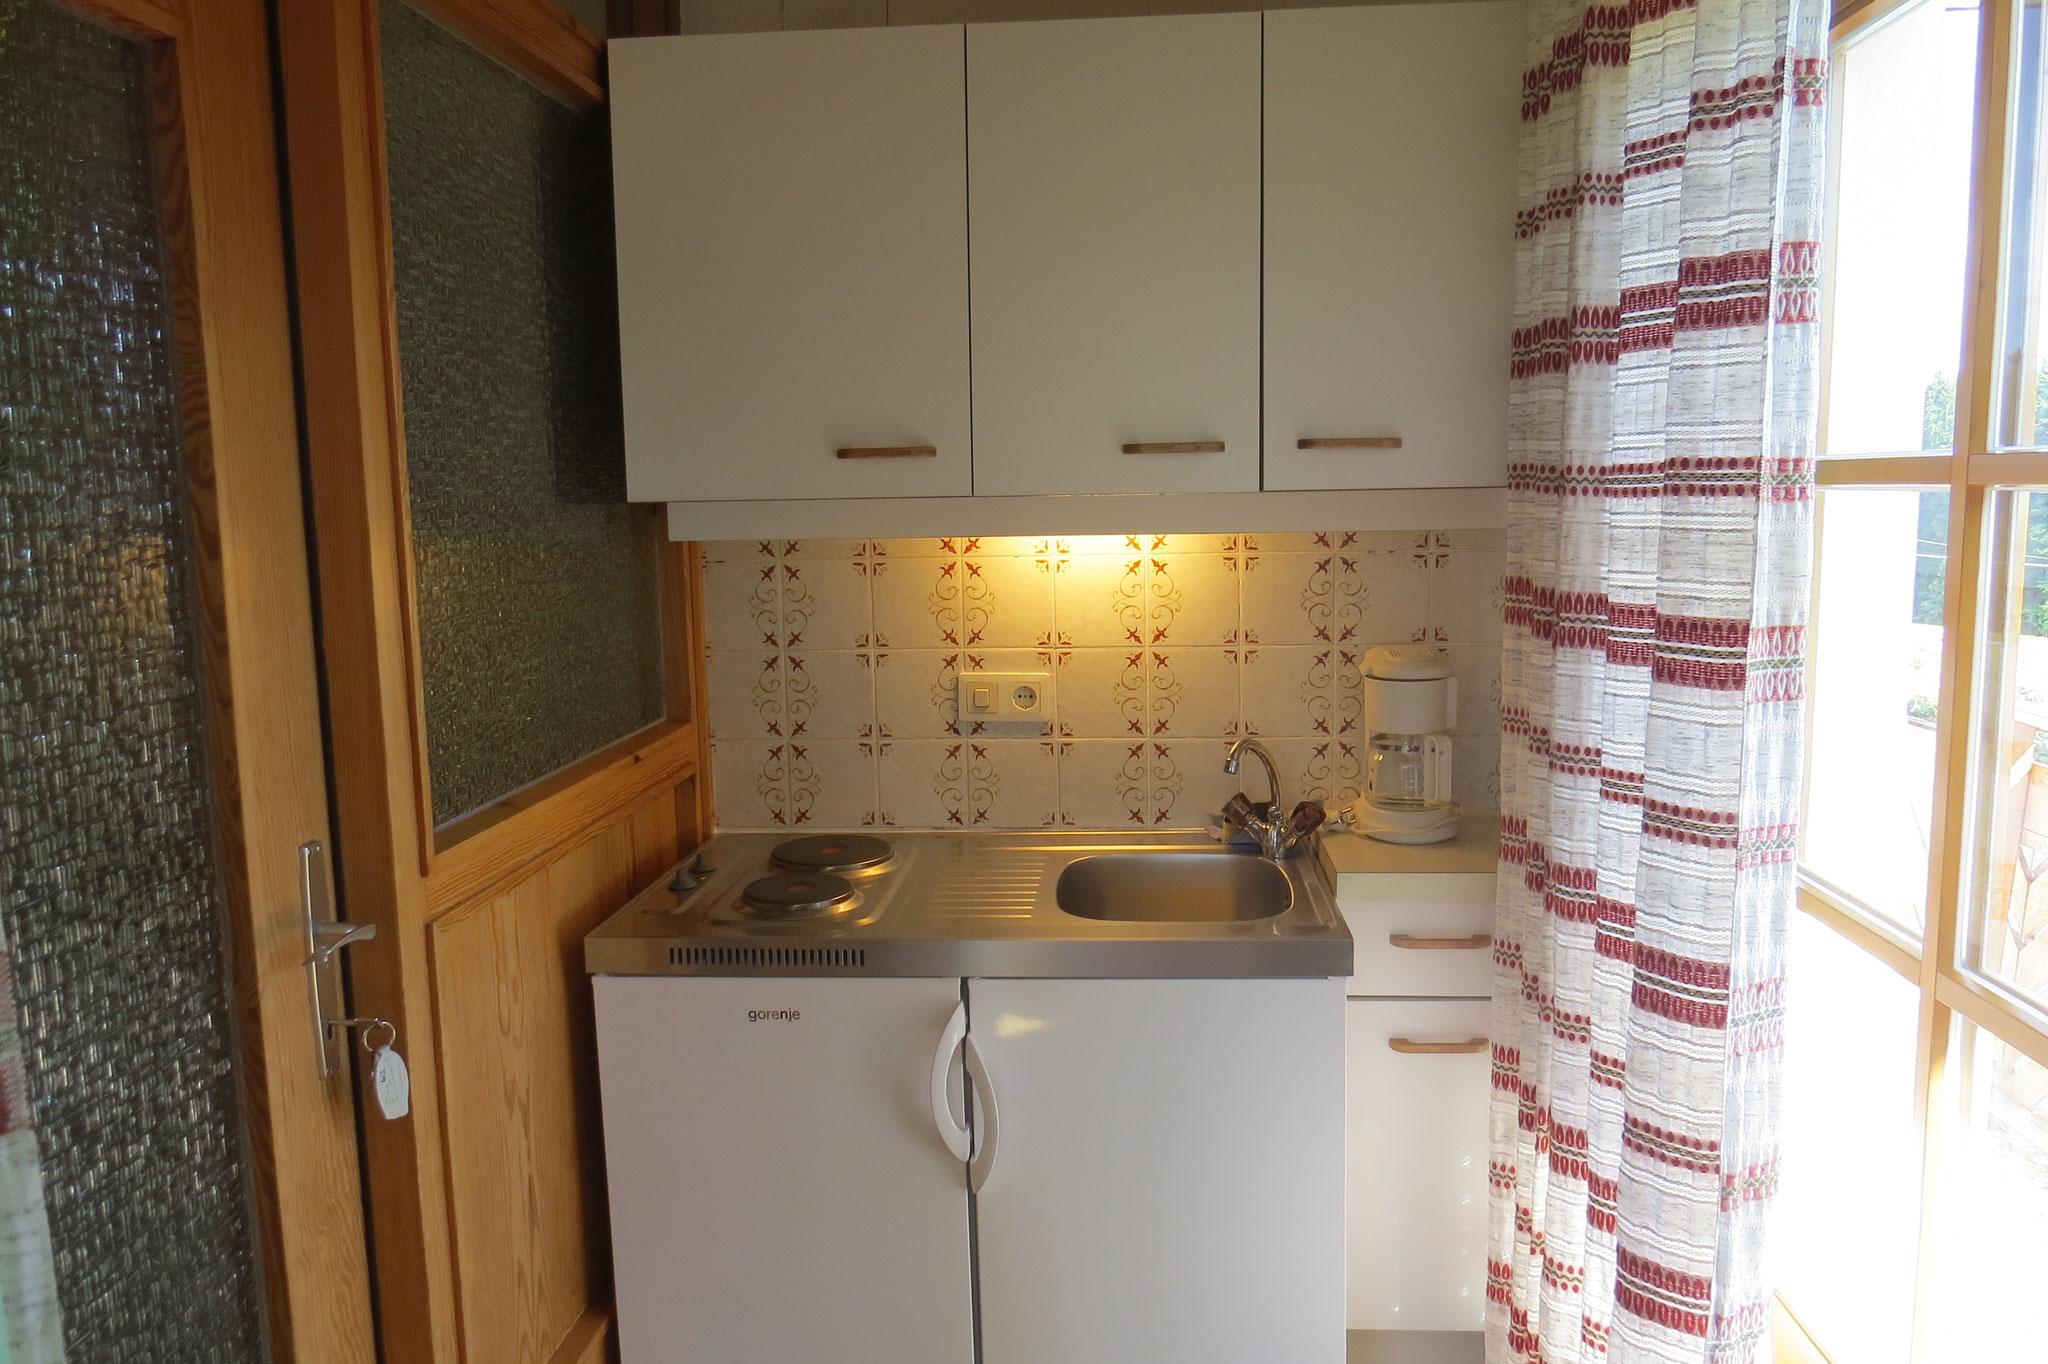 Biohof Haus Wieser, Studio für 2 - 4 Personen, Kochnische